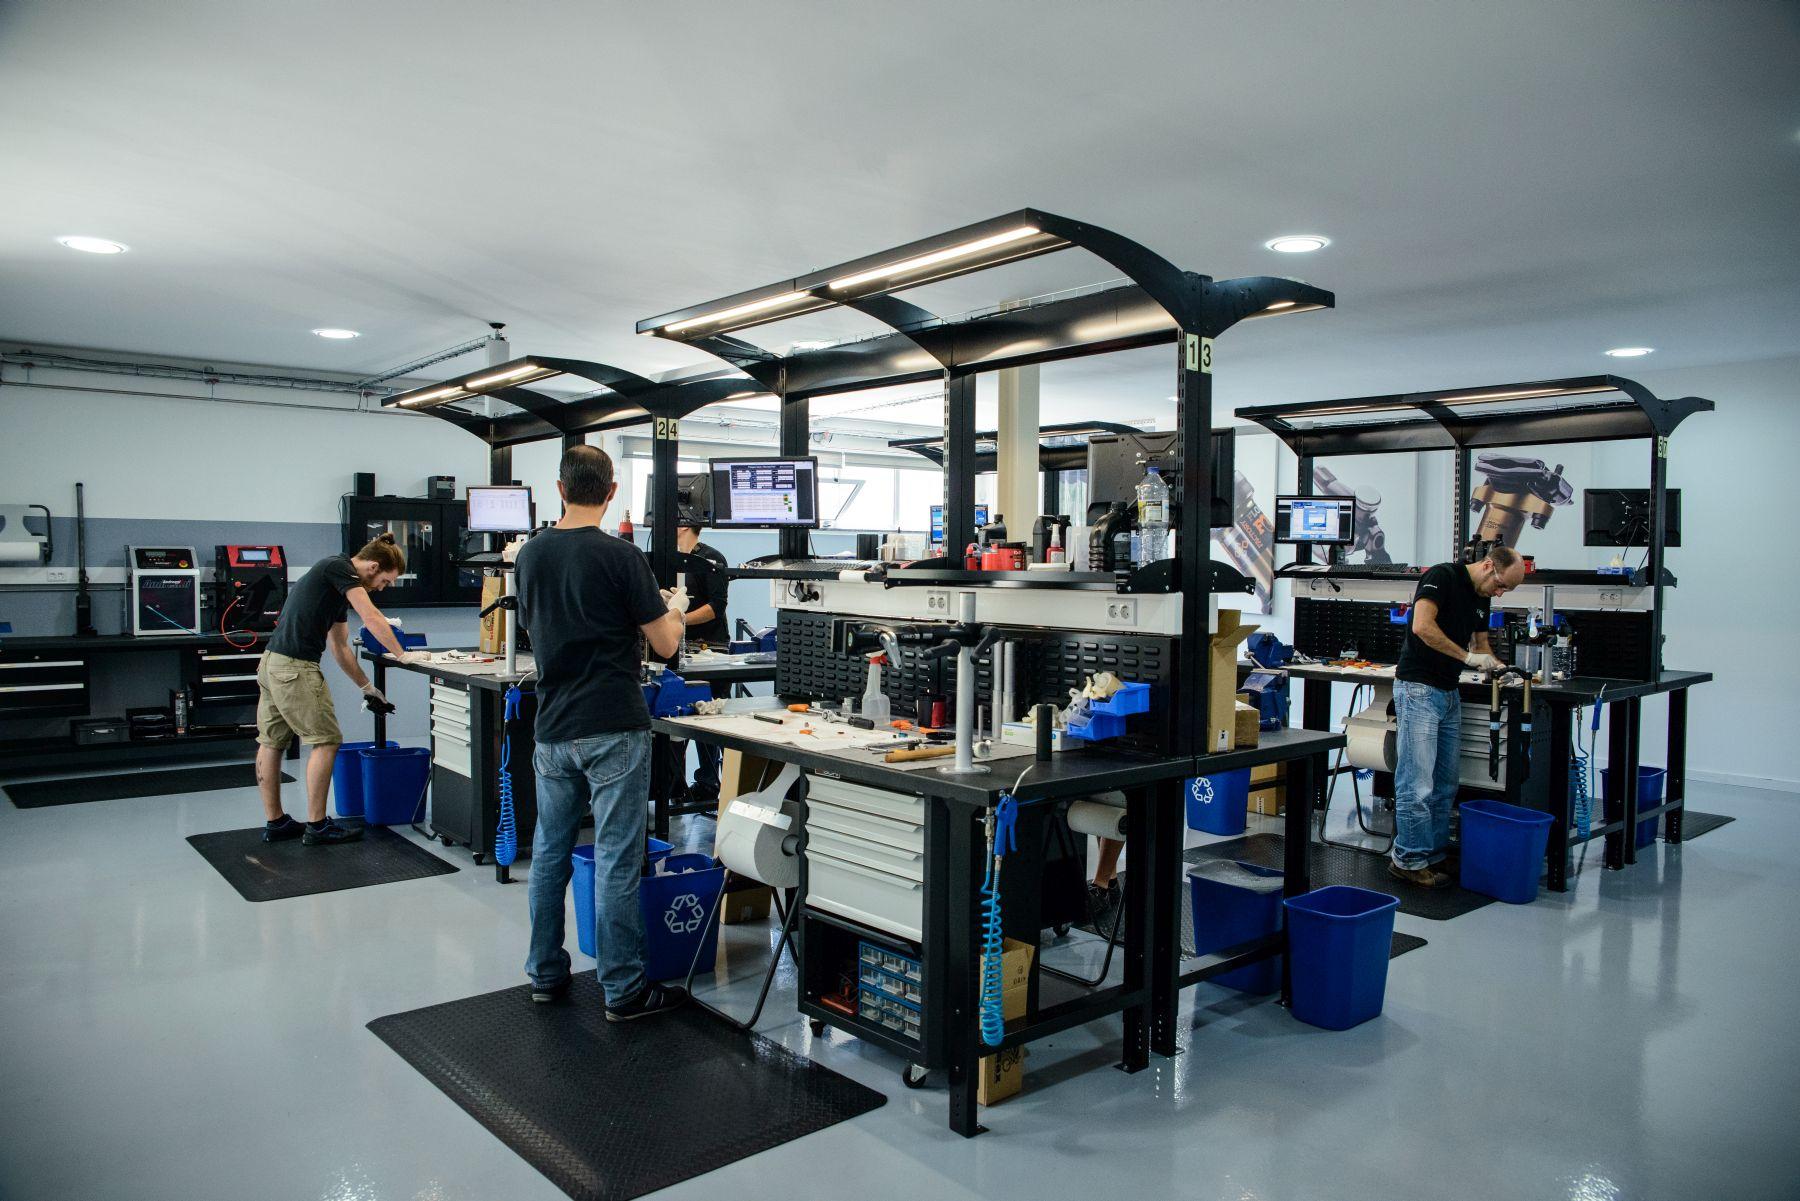 Una de las grandes inversiones en el cambio de sede ha sido crear una sala de servicio técnico ideal. Mantenimientos, garantías, actualizaciones de productos con mejoras... es una parte vital de este tipo de productos. Un espacio que puede albergar hasta 8 técnicos.